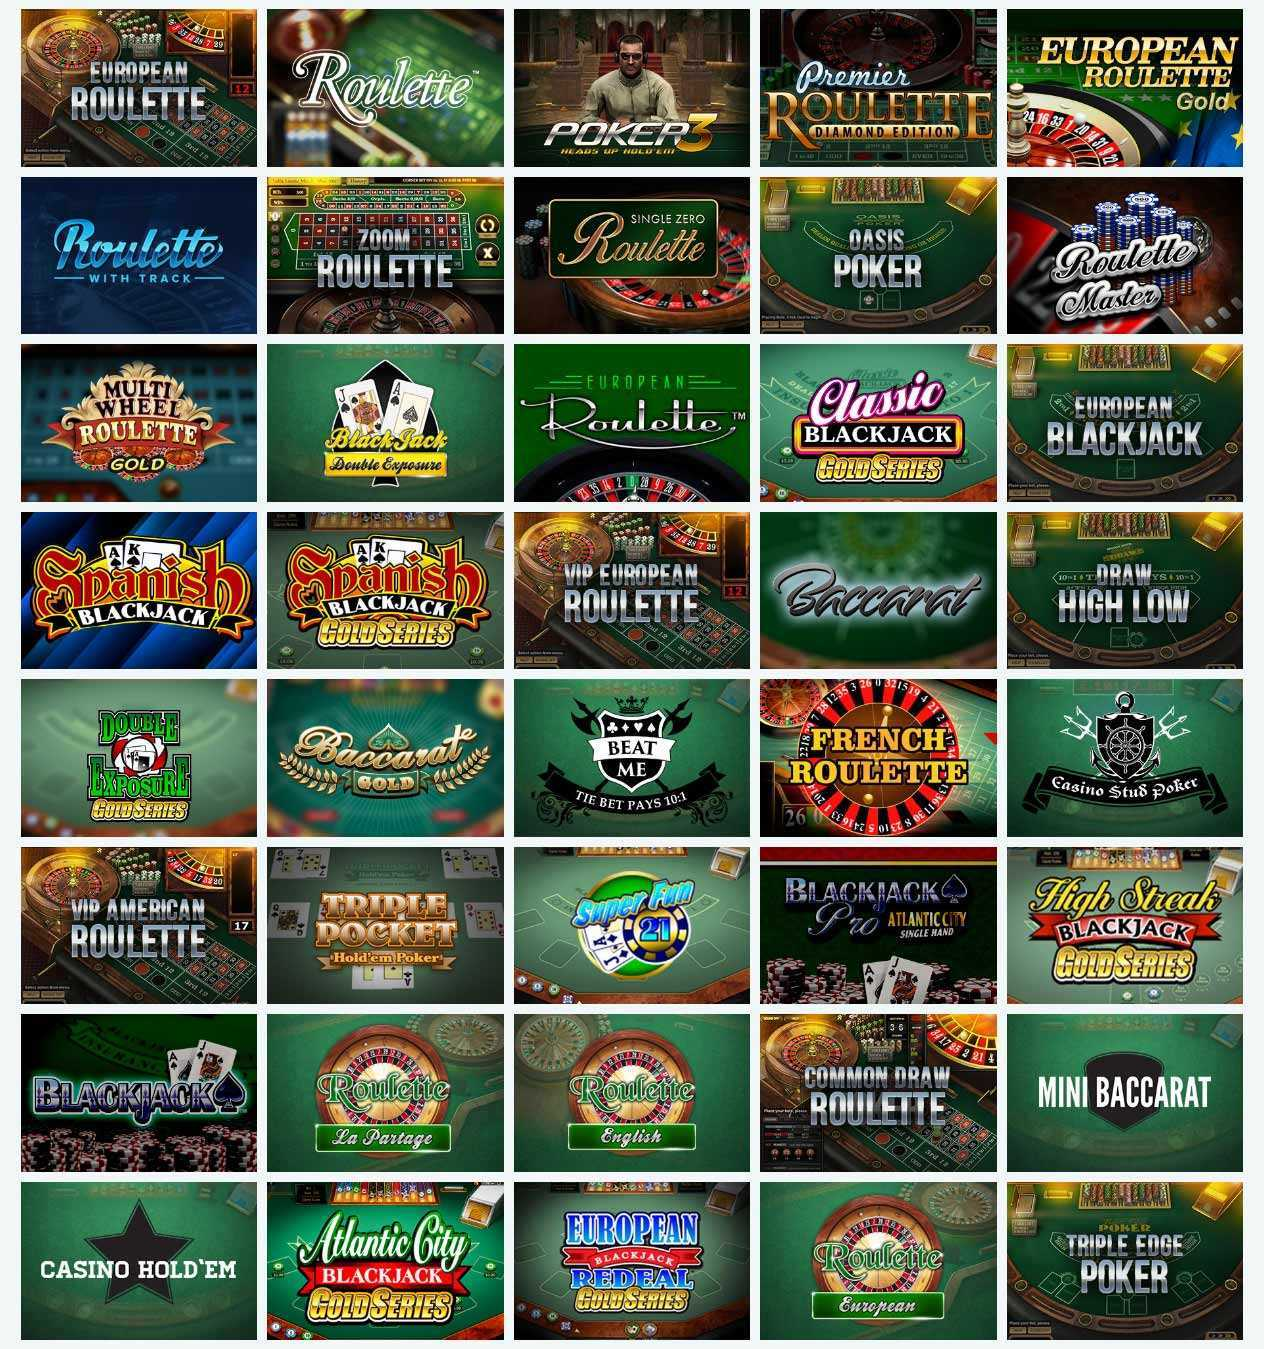 """[Betrug] сайт: superloto1.info - Superlotto gibt ein kostenloses Ticket für die Lotterie """"6 von 45"""""""